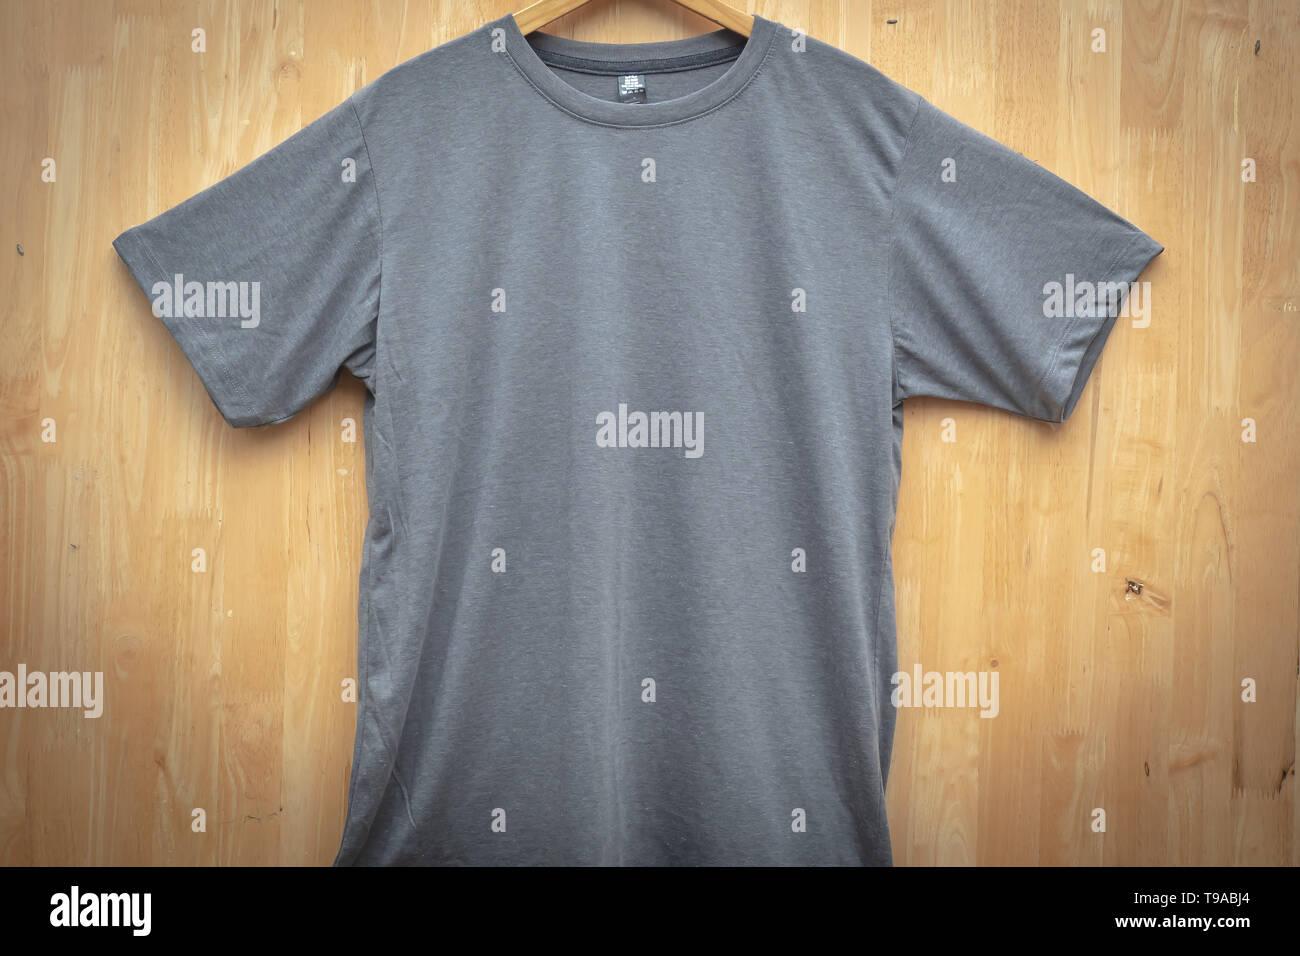 Gris camiseta de manga corta con cuello redondo liso maqueta concepto back ground de madera vista frontal Imagen De Stock